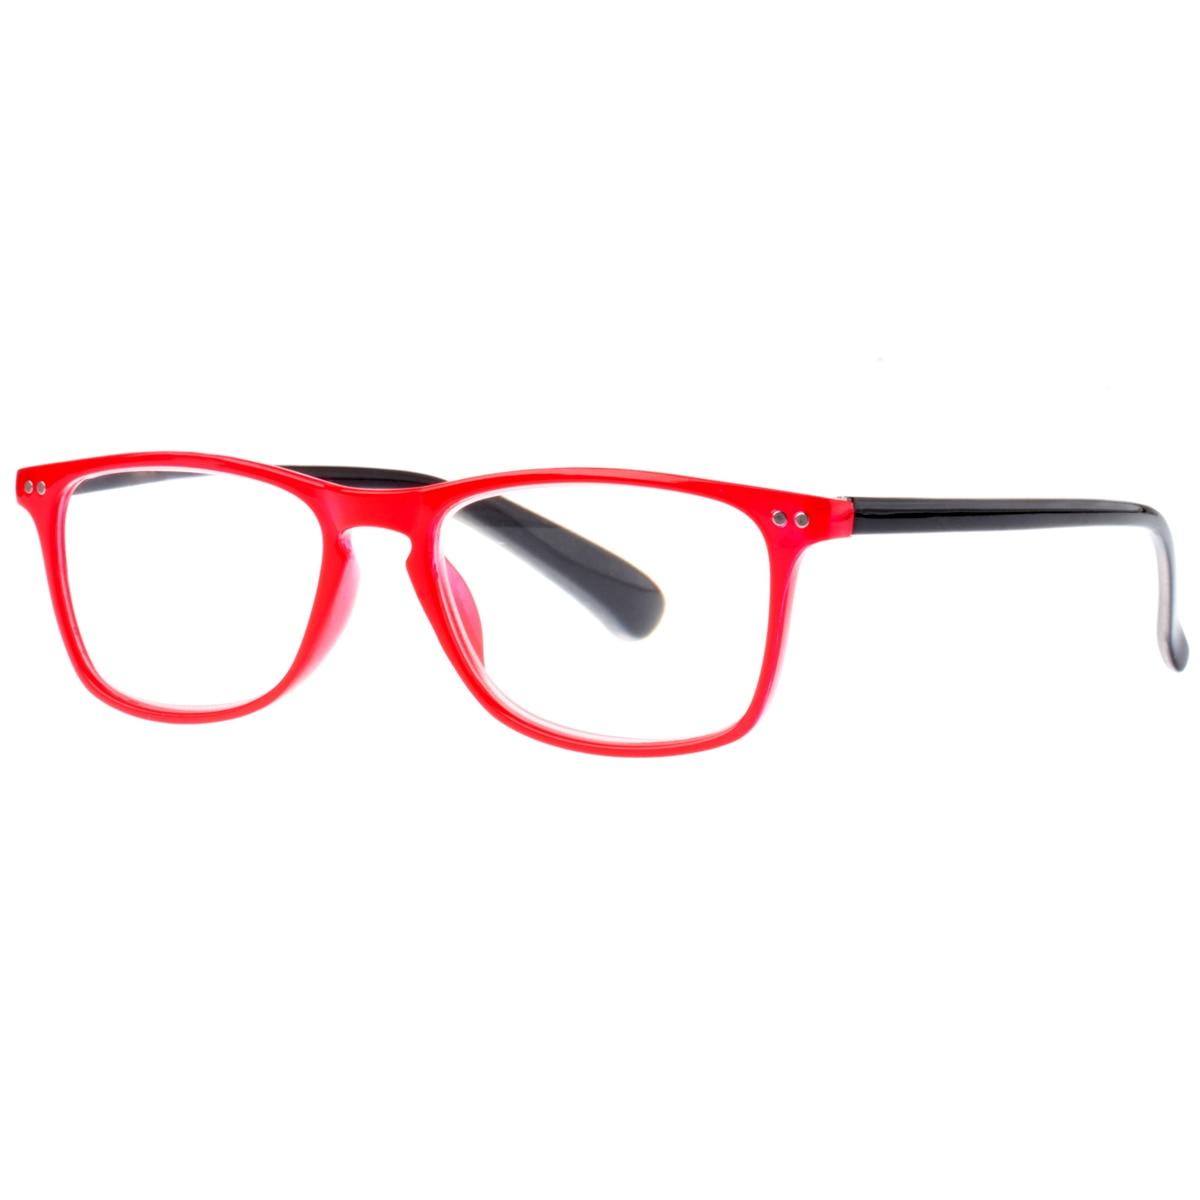 Lézeres látásjavítás | Perfect Vision